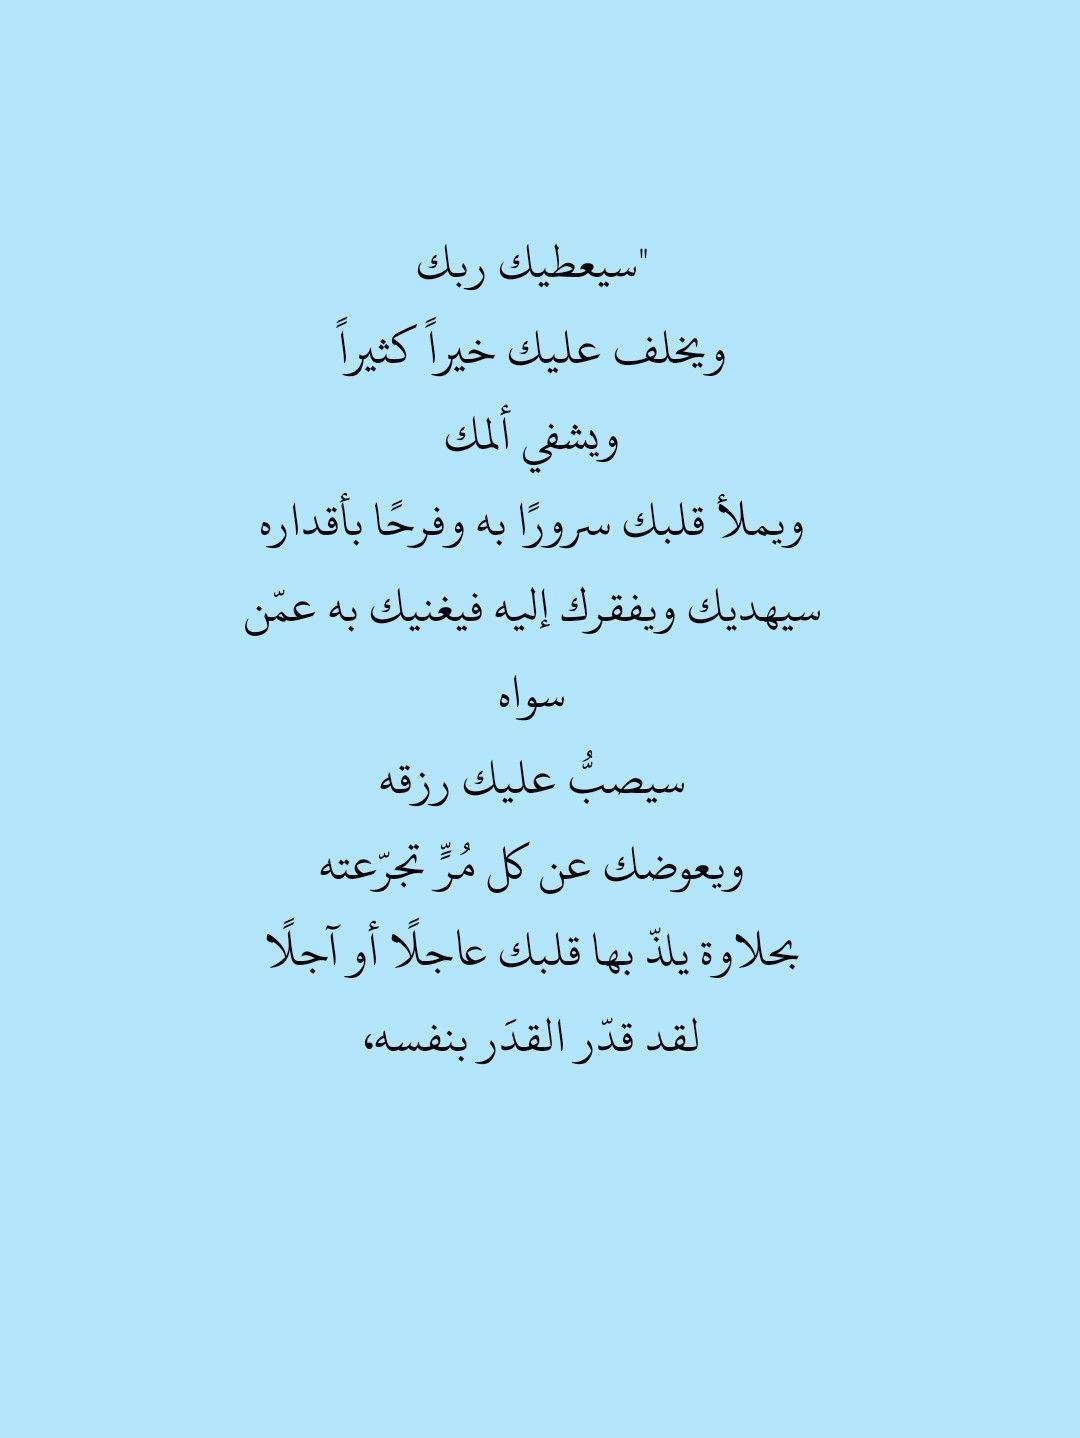 مواساة Quran Quotes Islamic Love Quotes Words